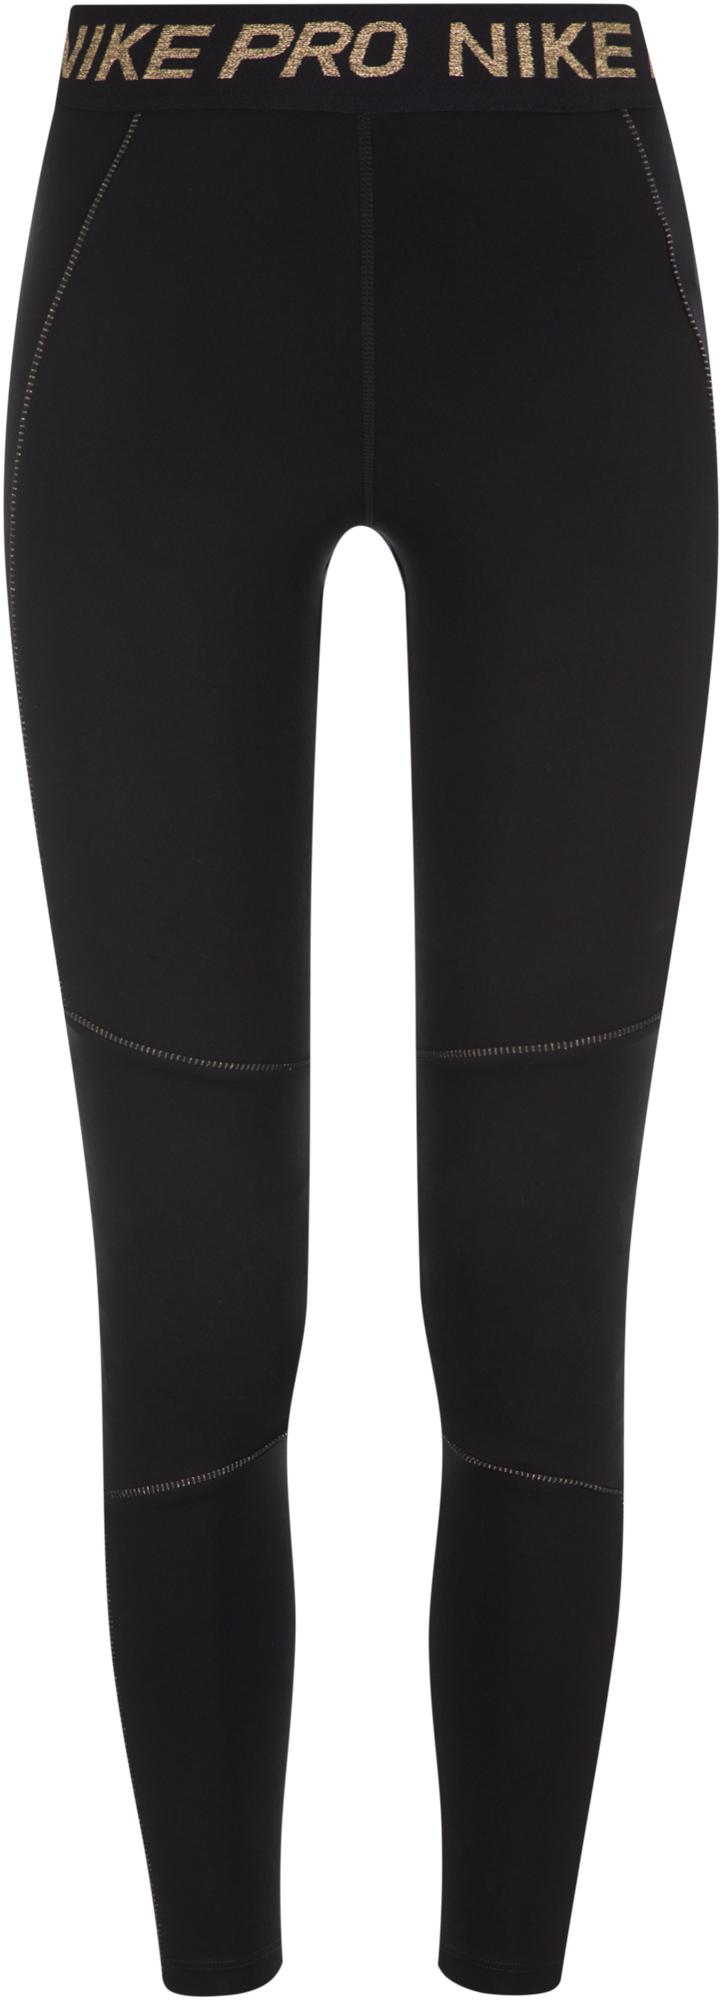 Nike Легинсы женские Pro Fierce, размер 46-48